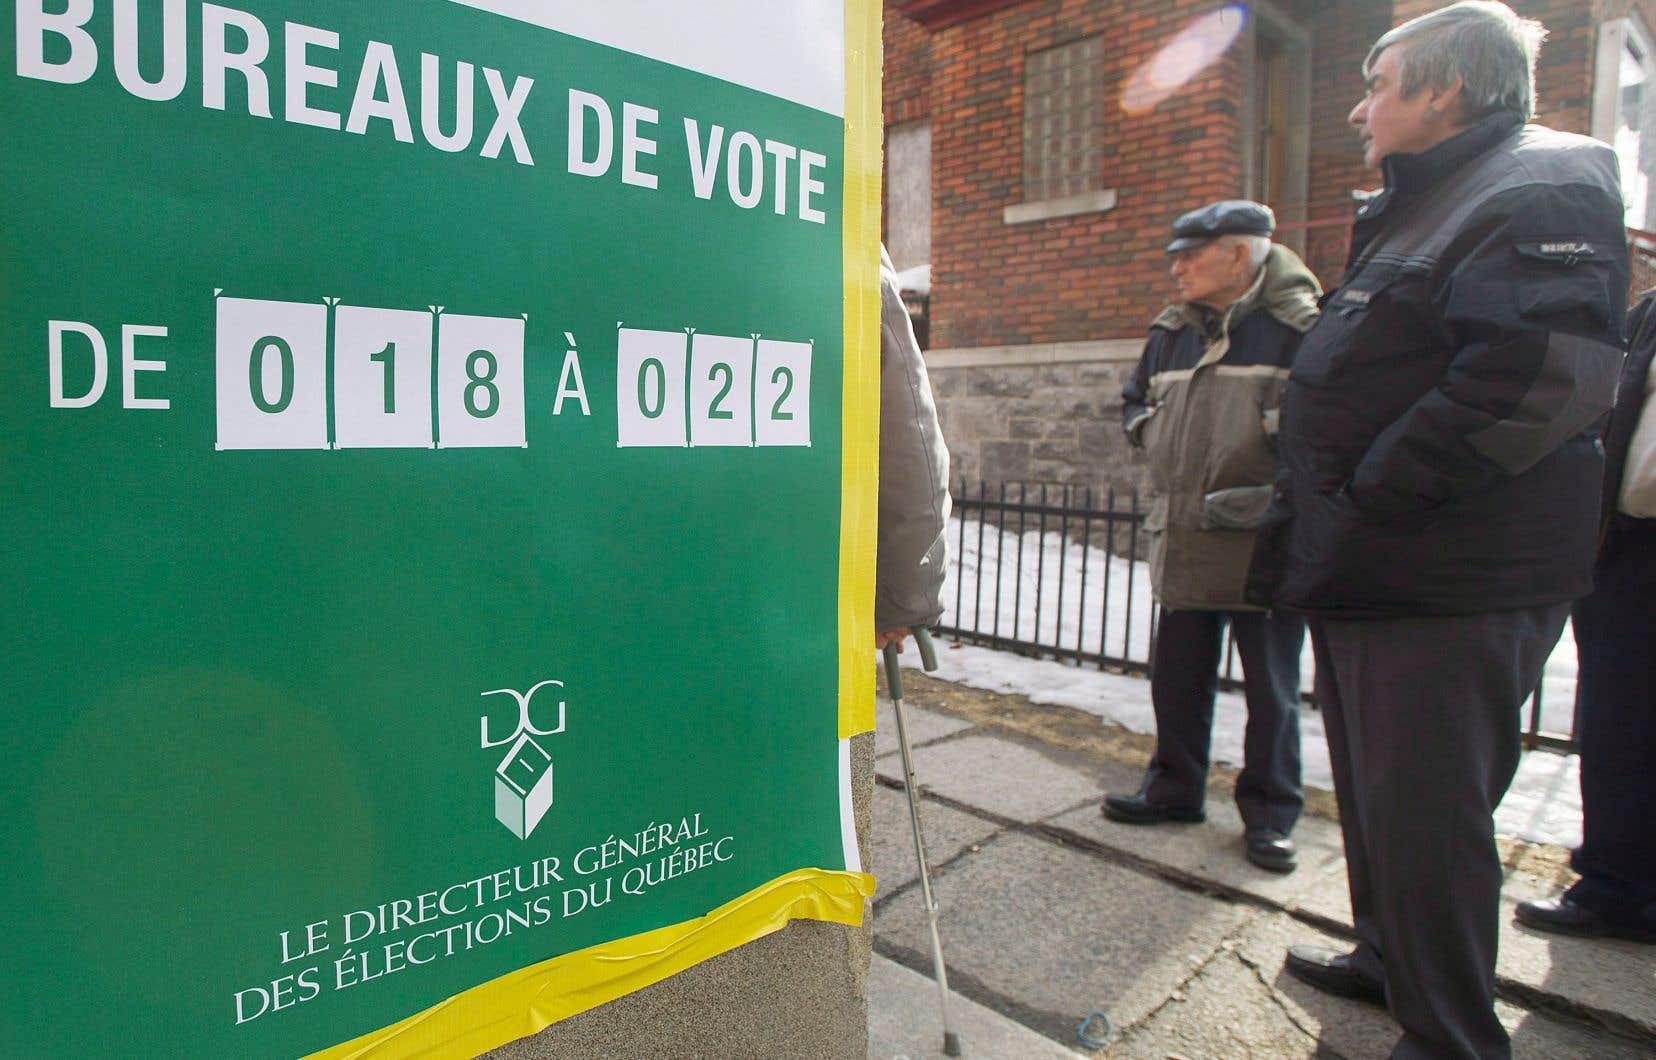 Des électeurs québécois, lors du scrutin de 2014. Le système électoral actuel favorise peu les tiers partis comme Québec solidaire.